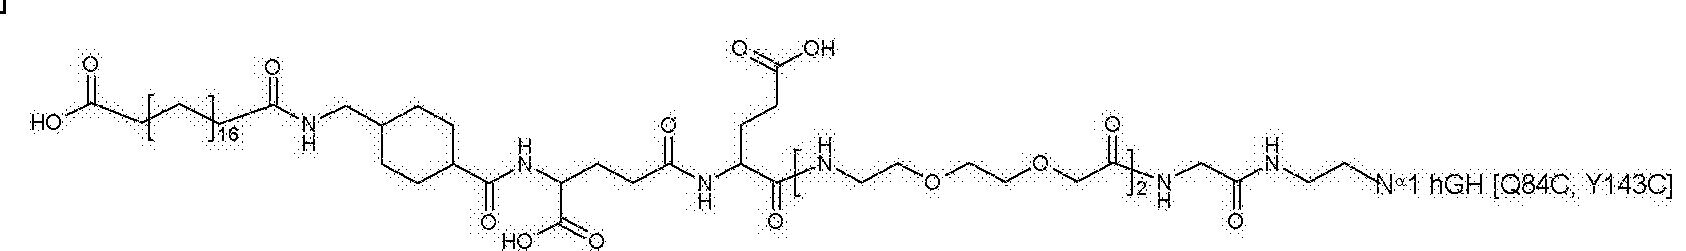 Figure CN103002918BD01262